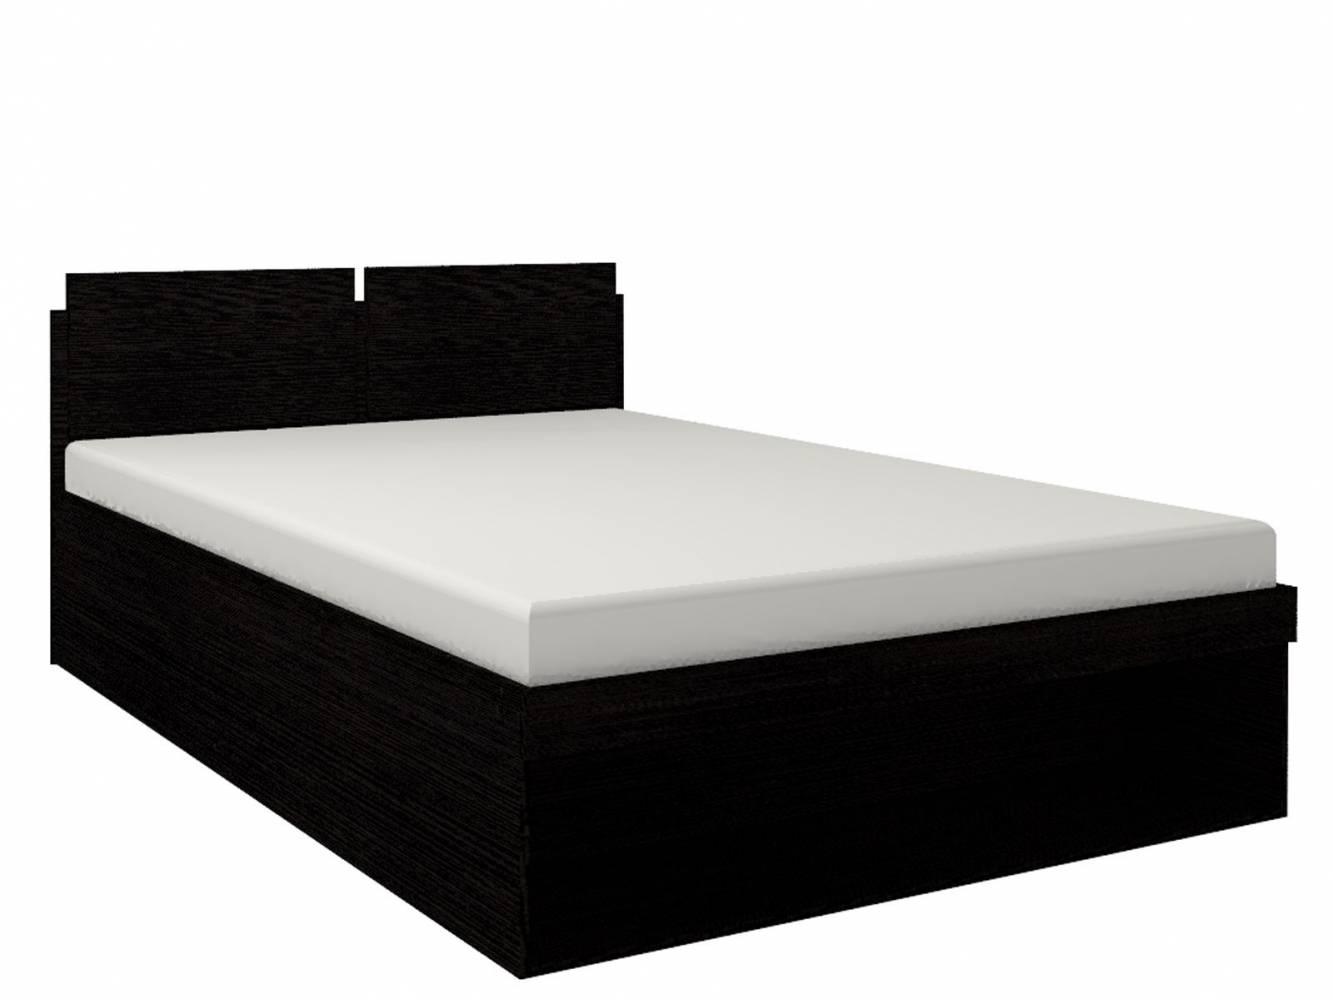 Кровать2 Hyper 160*200 с подъемным механизмом (Венге монохром)